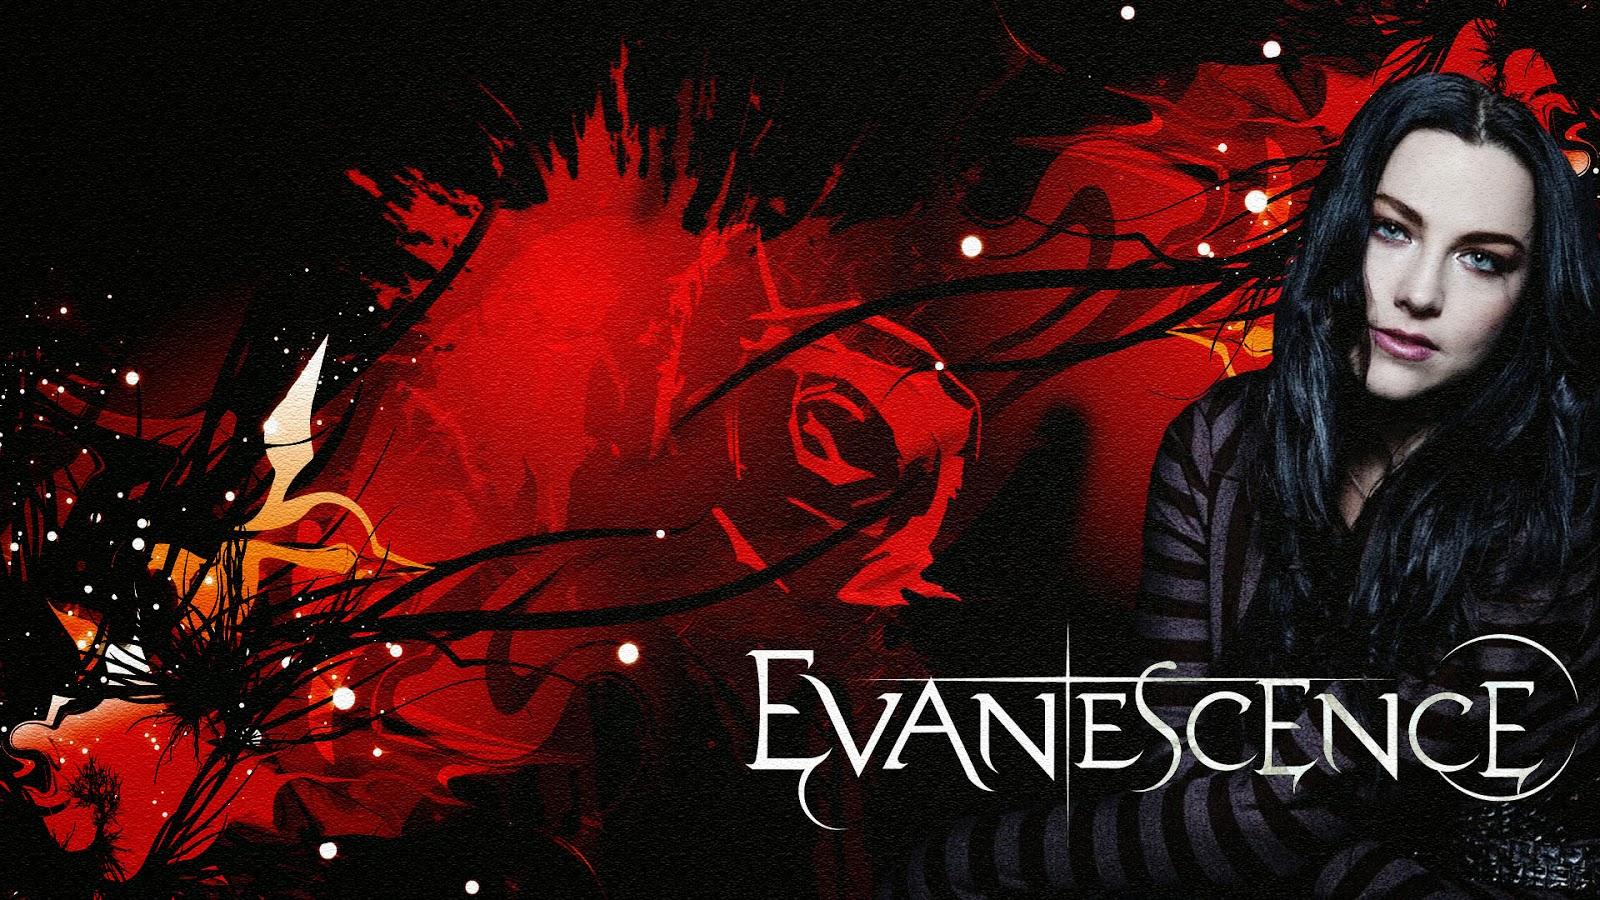 evanescence hearts wallpaper - photo #2